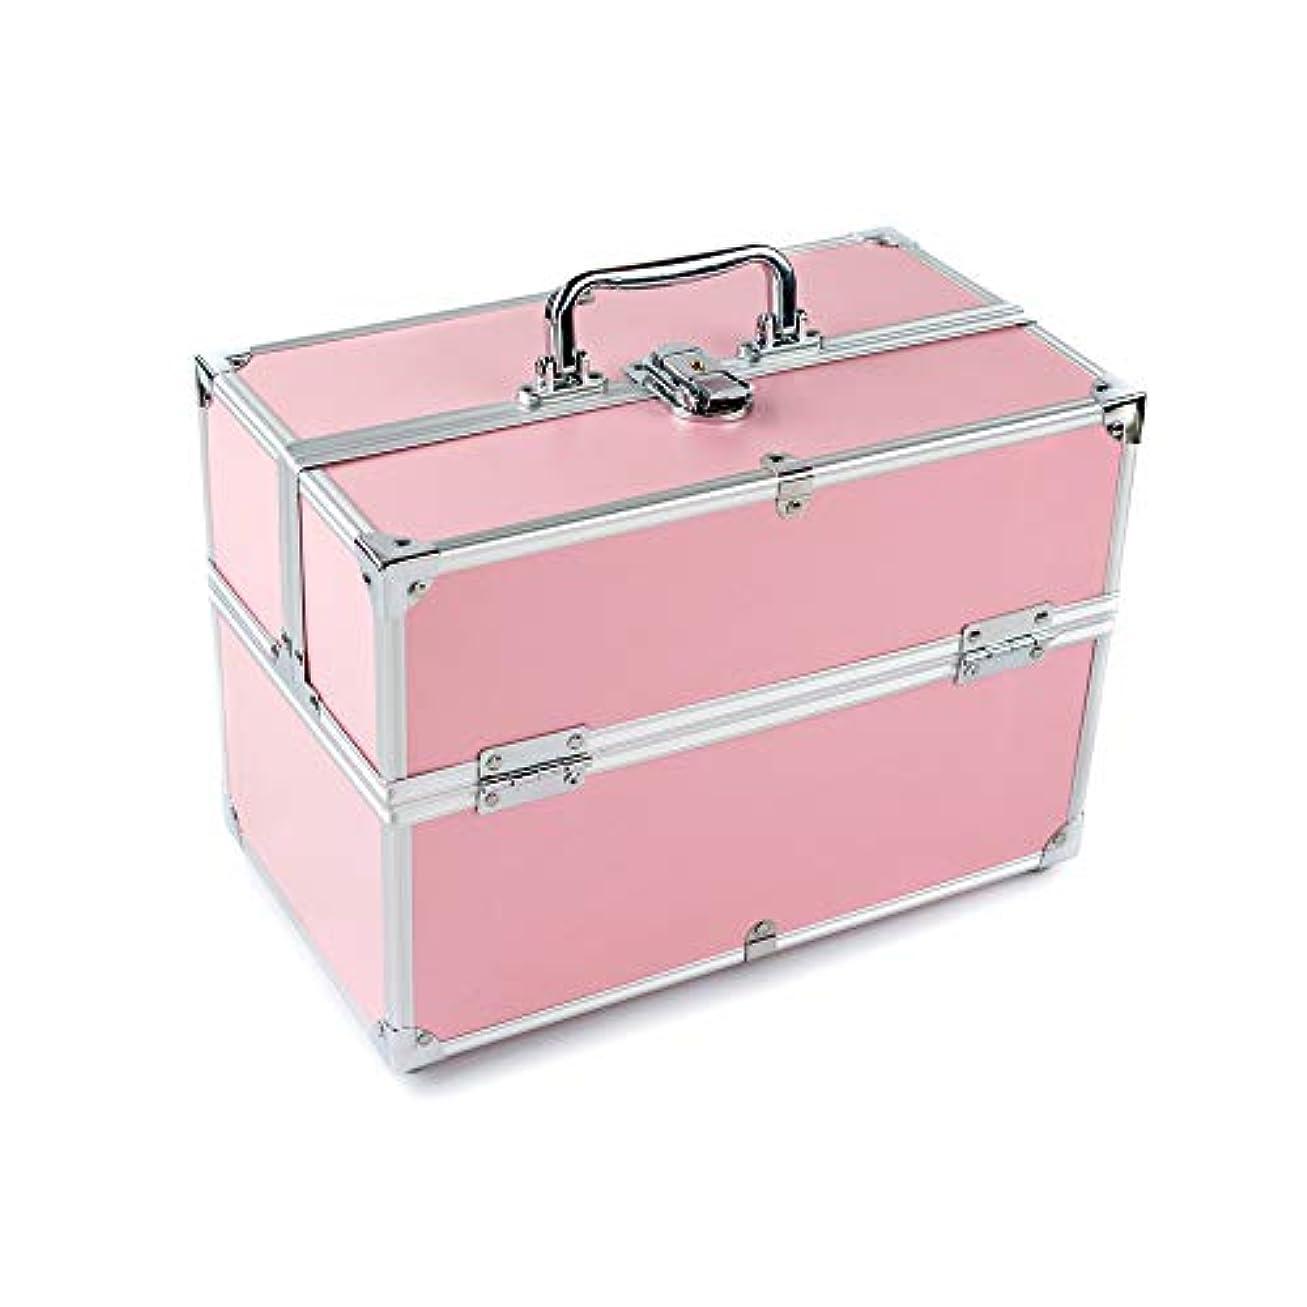 舌厚さ分数特大スペース収納ビューティーボックス 美の構造のためそしてジッパーおよび折る皿が付いている女の子の女性旅行そして毎日の貯蔵のための高容量の携帯用化粧品袋 化粧品化粧台 (色 : ピンク)